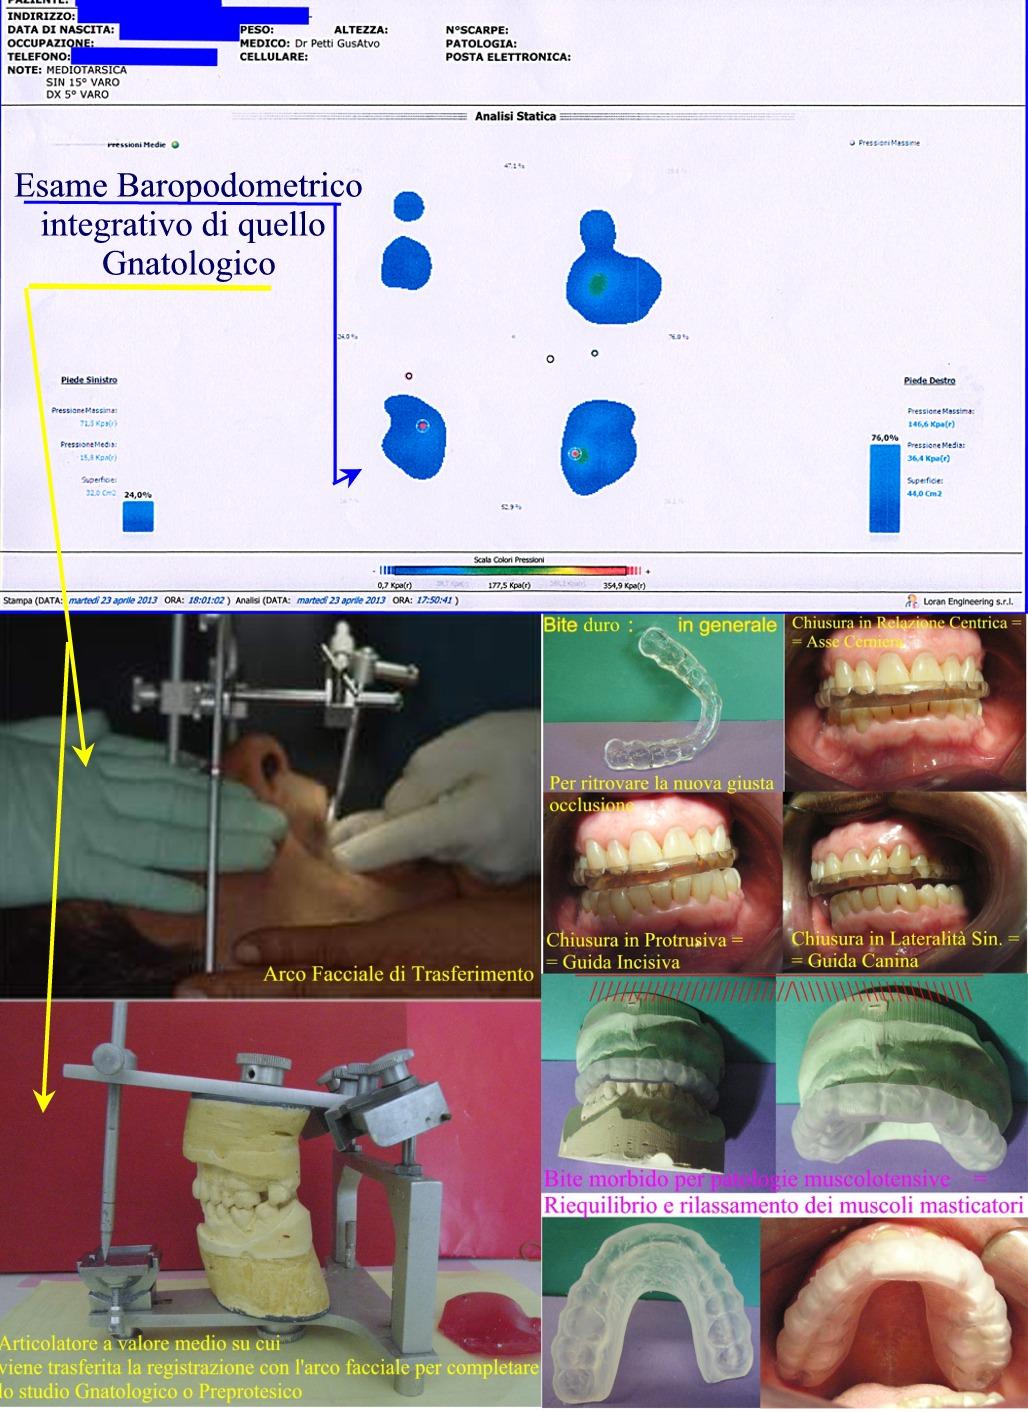 Arco Facciale di Trasferimento e Esame Computerizzato Staticometrico e vari tipi di Bite. Da casistica Gnatologica del Dottor Gustavo Petti Parodontologo Gnatologo di Cagliari